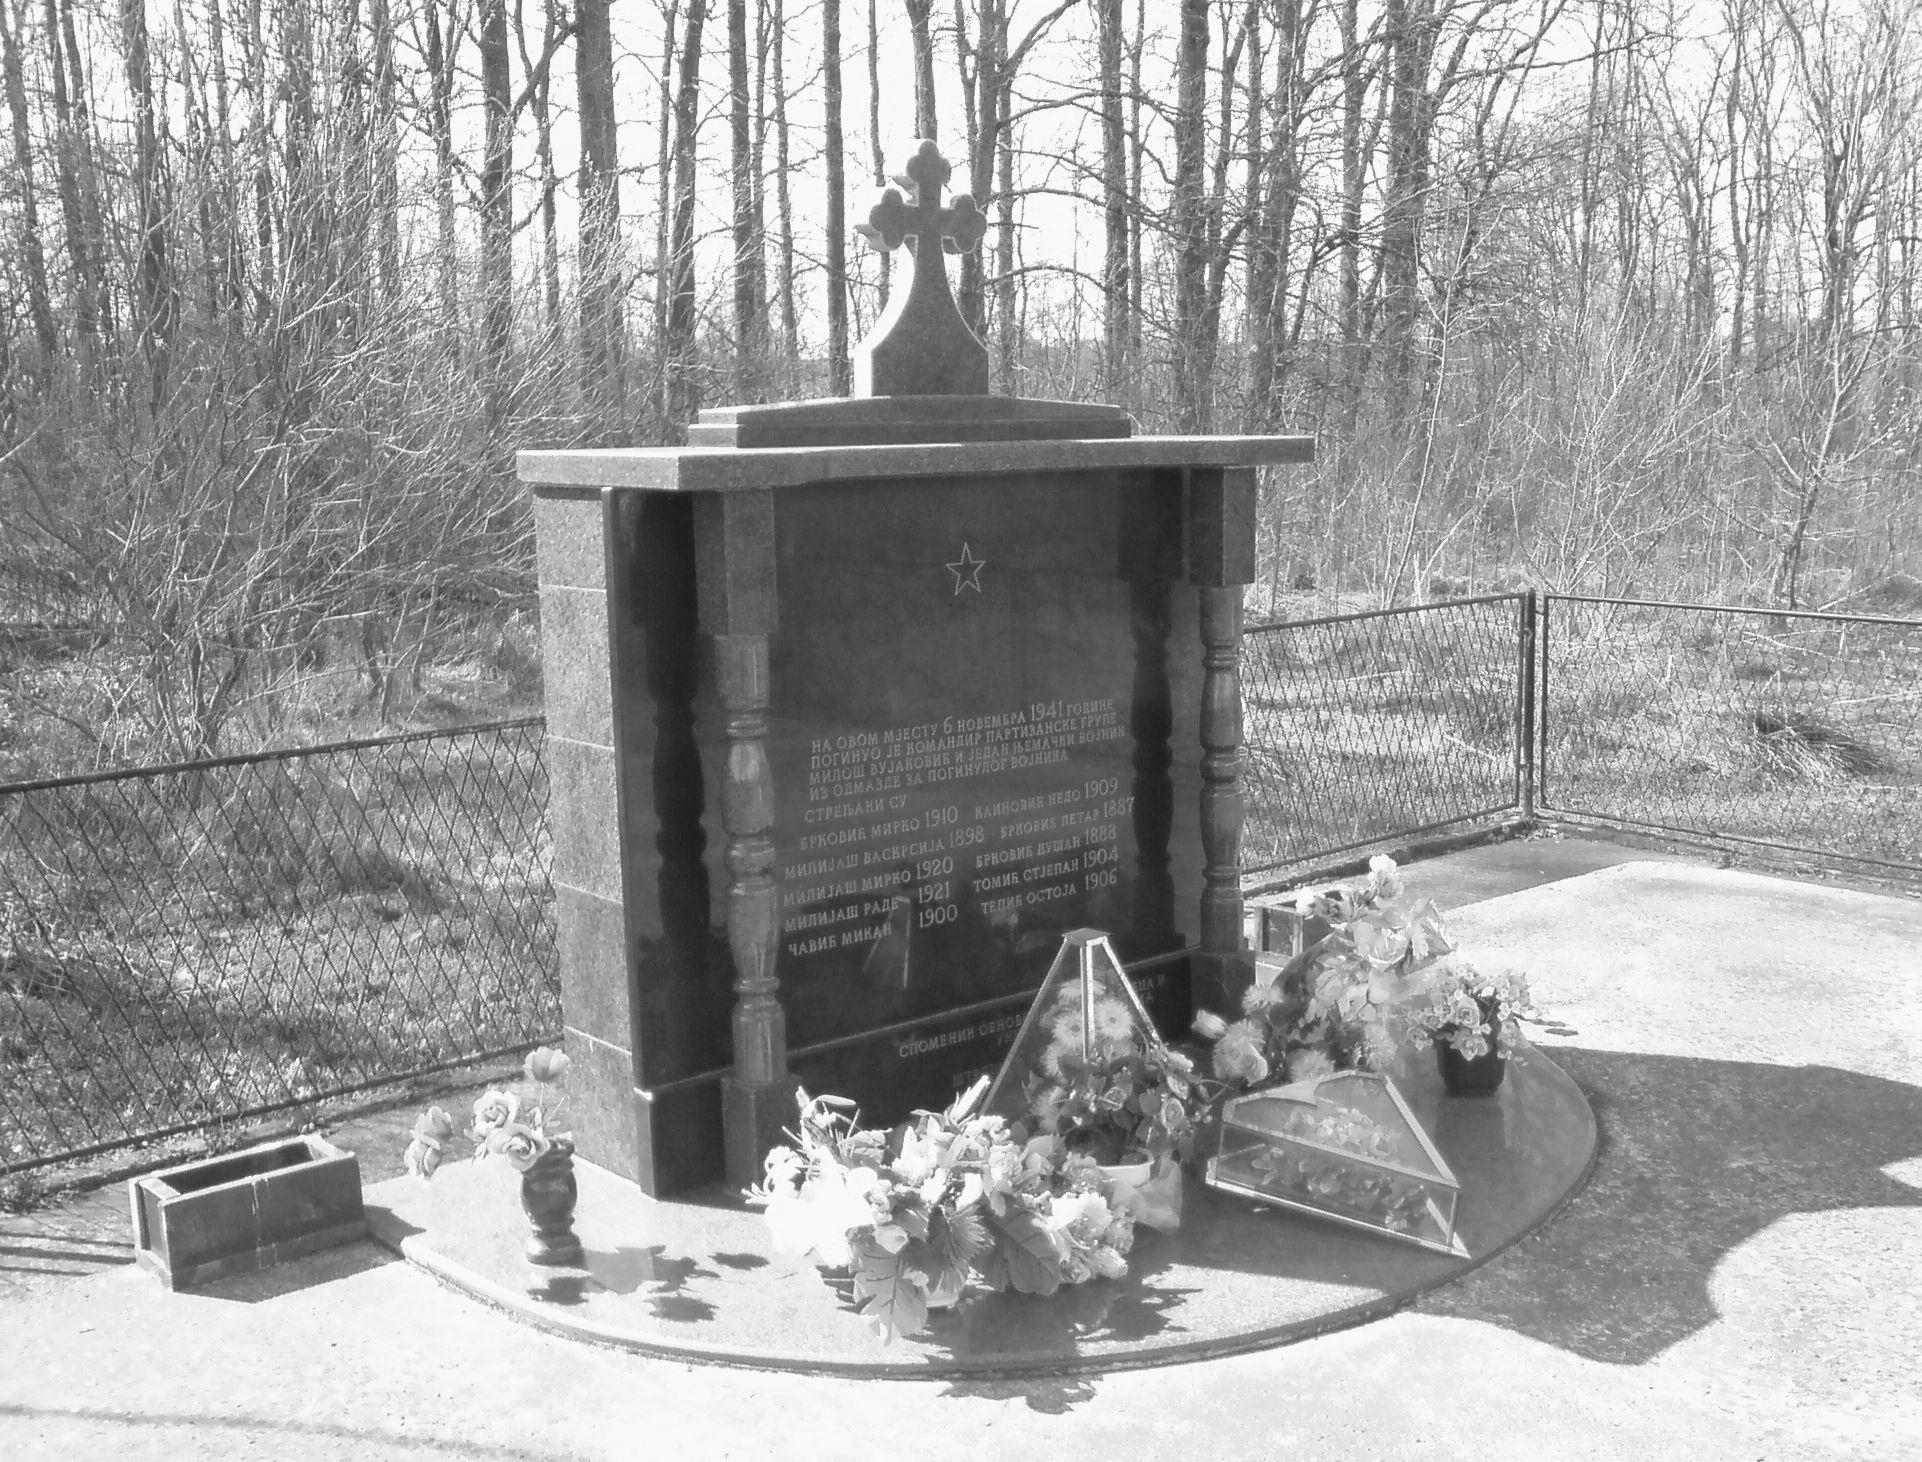 Spomenik ubijenim ustanicima i strijeljanim Štrbačanima kod Kainović mlina na rijeci Ukrini u Štrpcima. Kada je spomenik obnovljen, raniji postavljeni simboli nisu oskrnavljeni i uklonjeni.